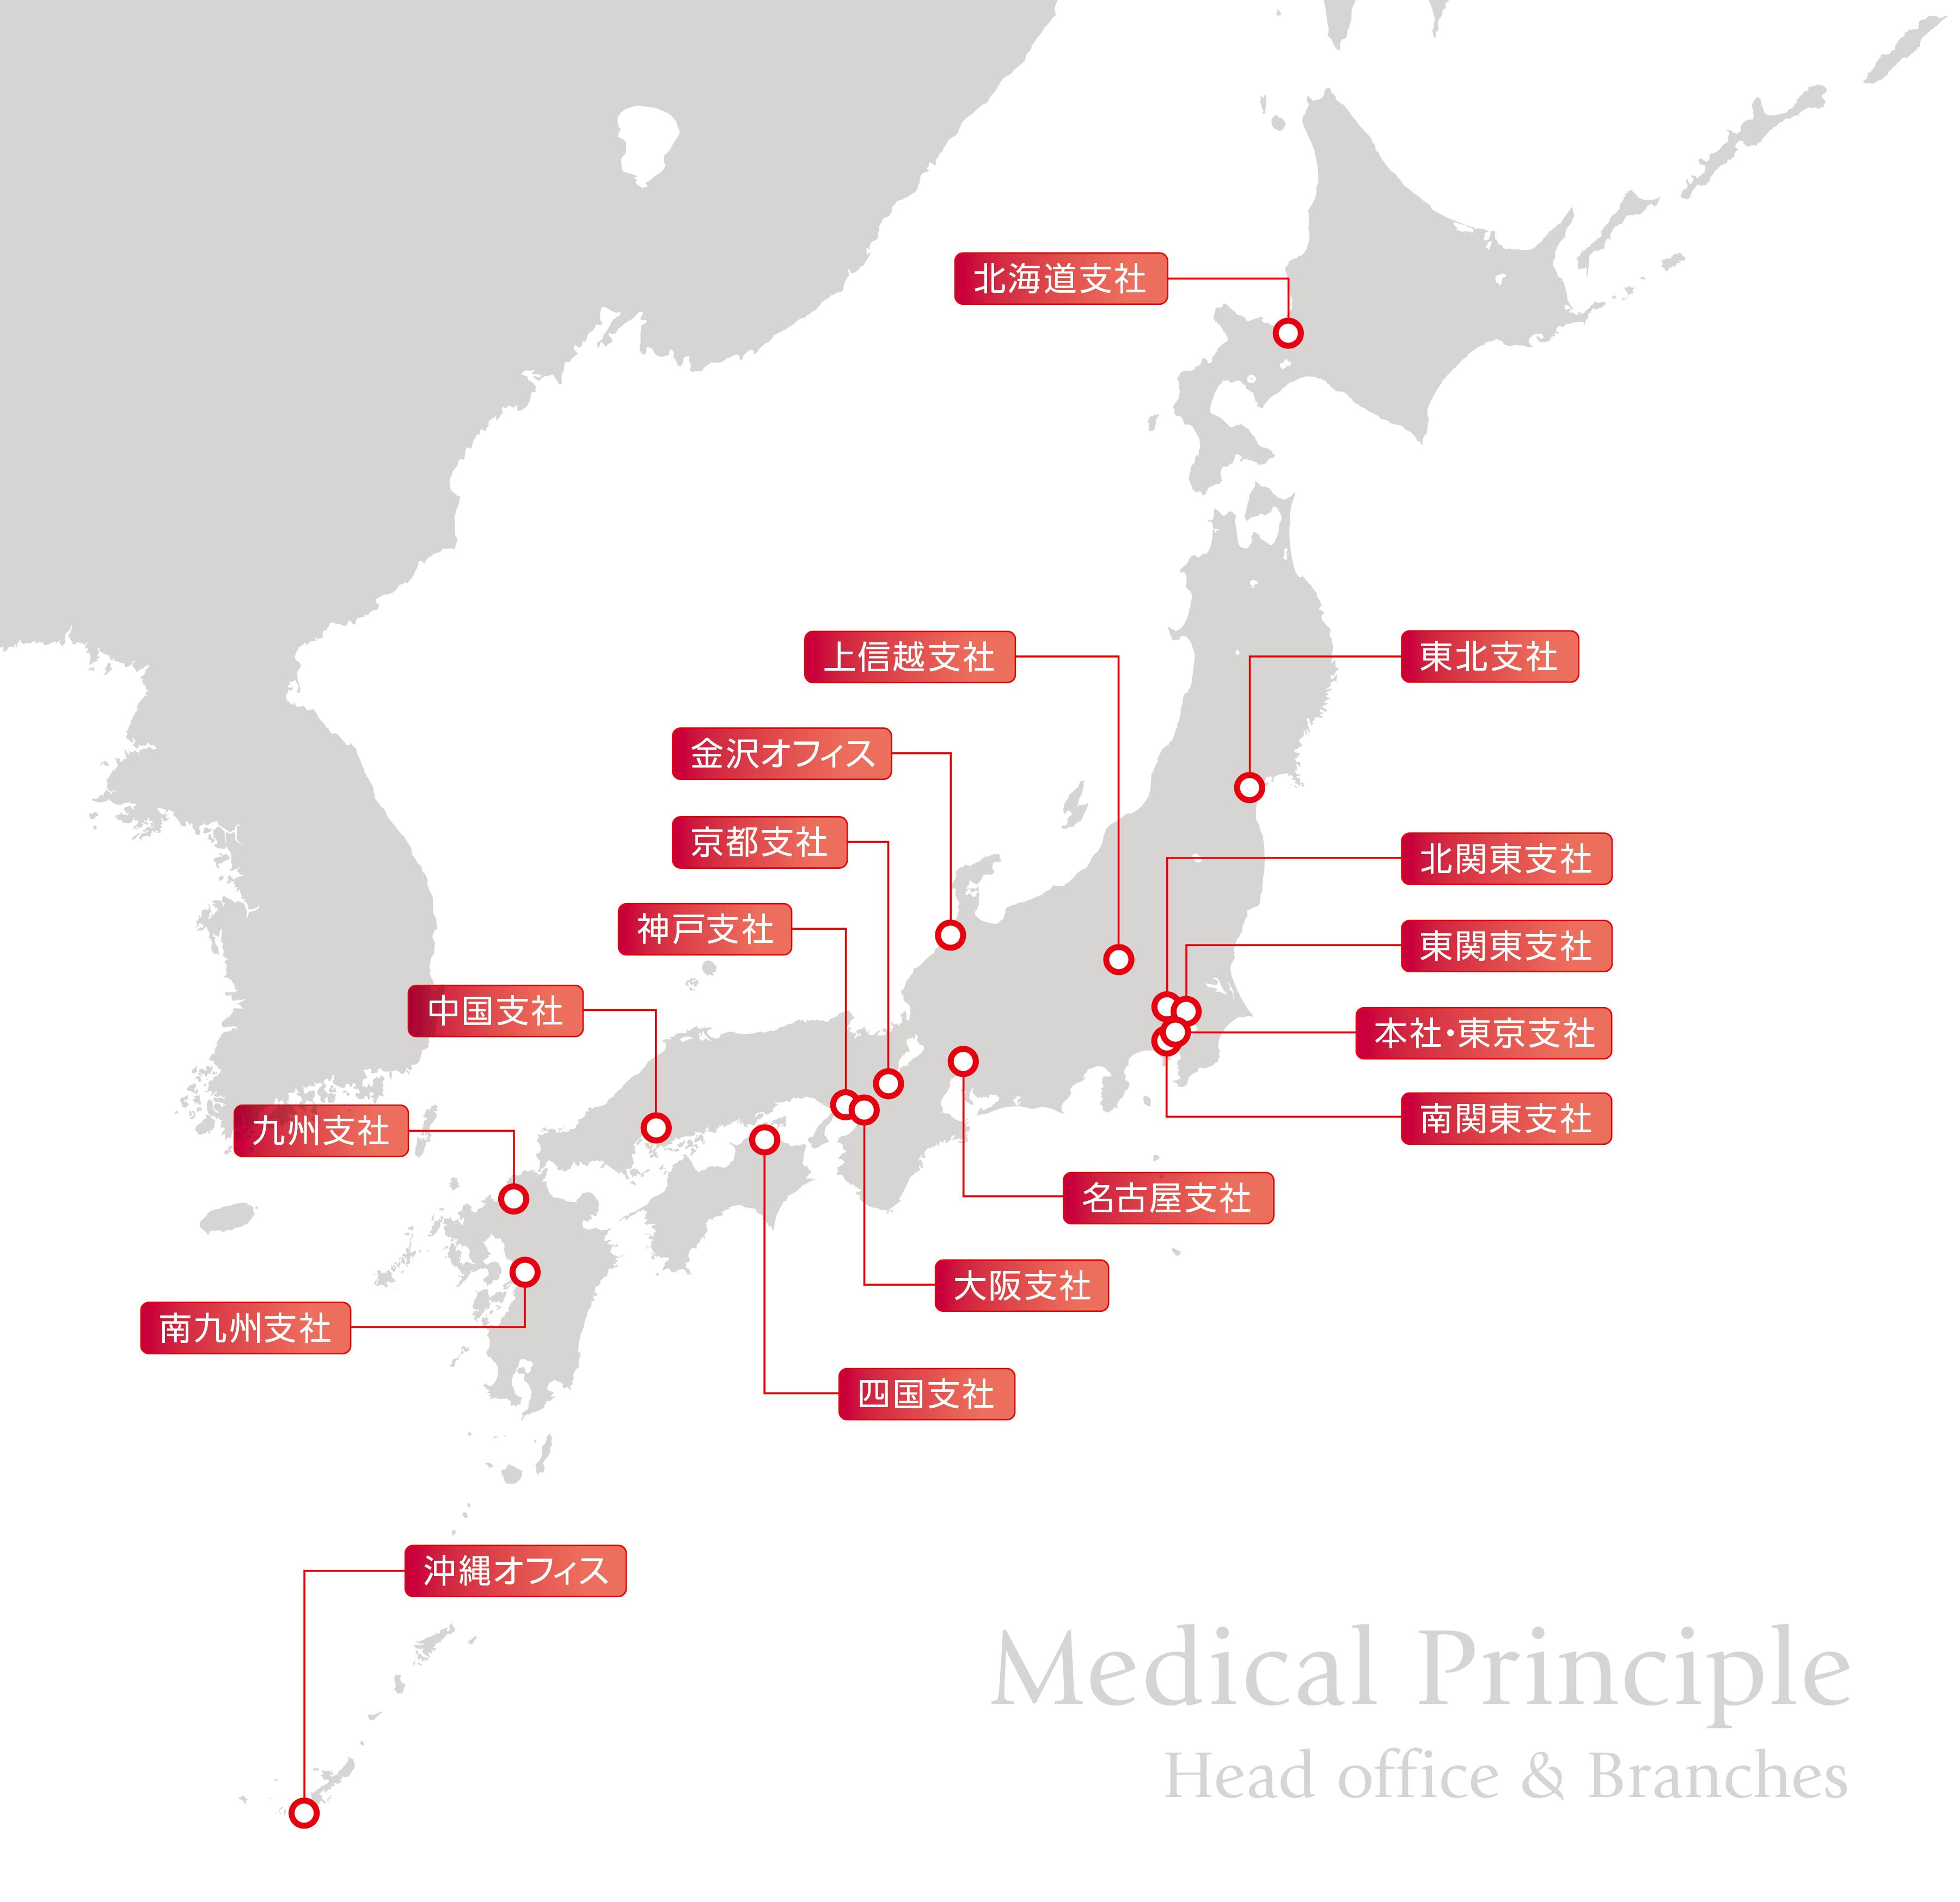 全国拠点マップ